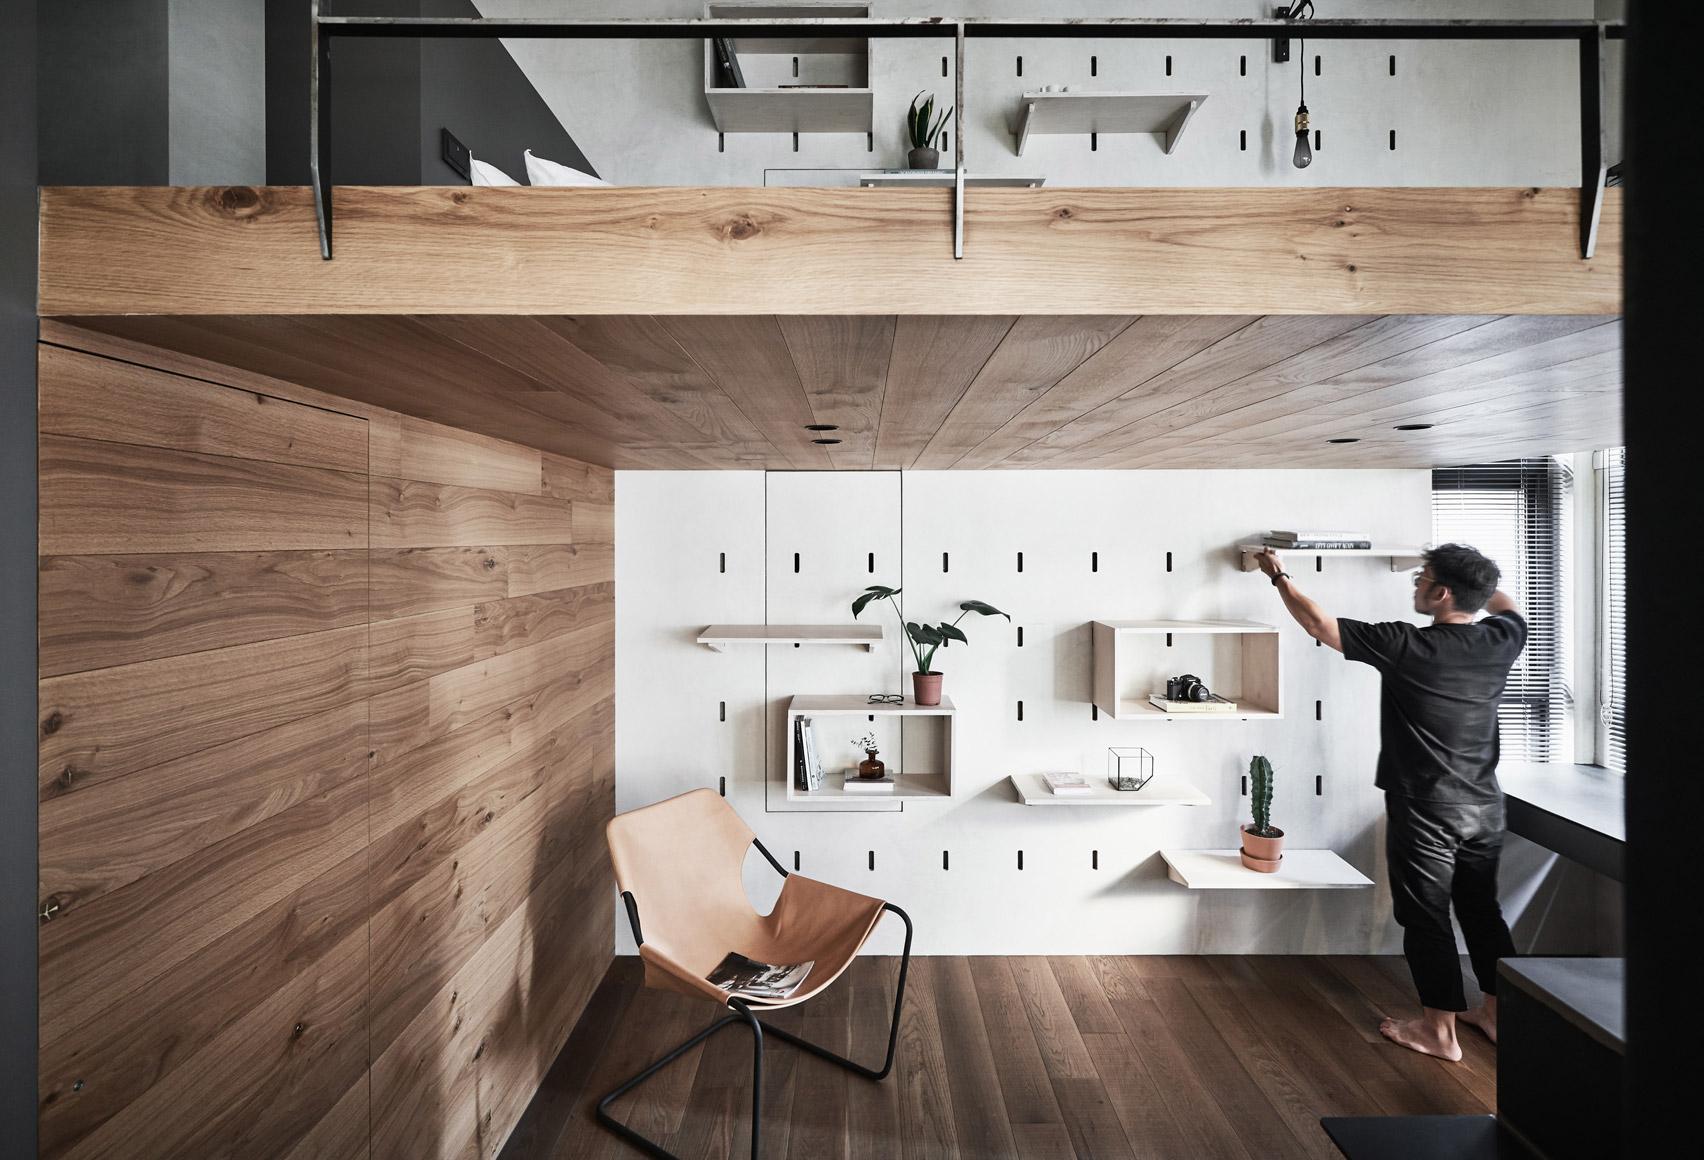 Bổ sung nội thất đa chức năng cho căn hộ xinh xắn tại Đài Bắc (Trung Quốc) - Ảnh 2.